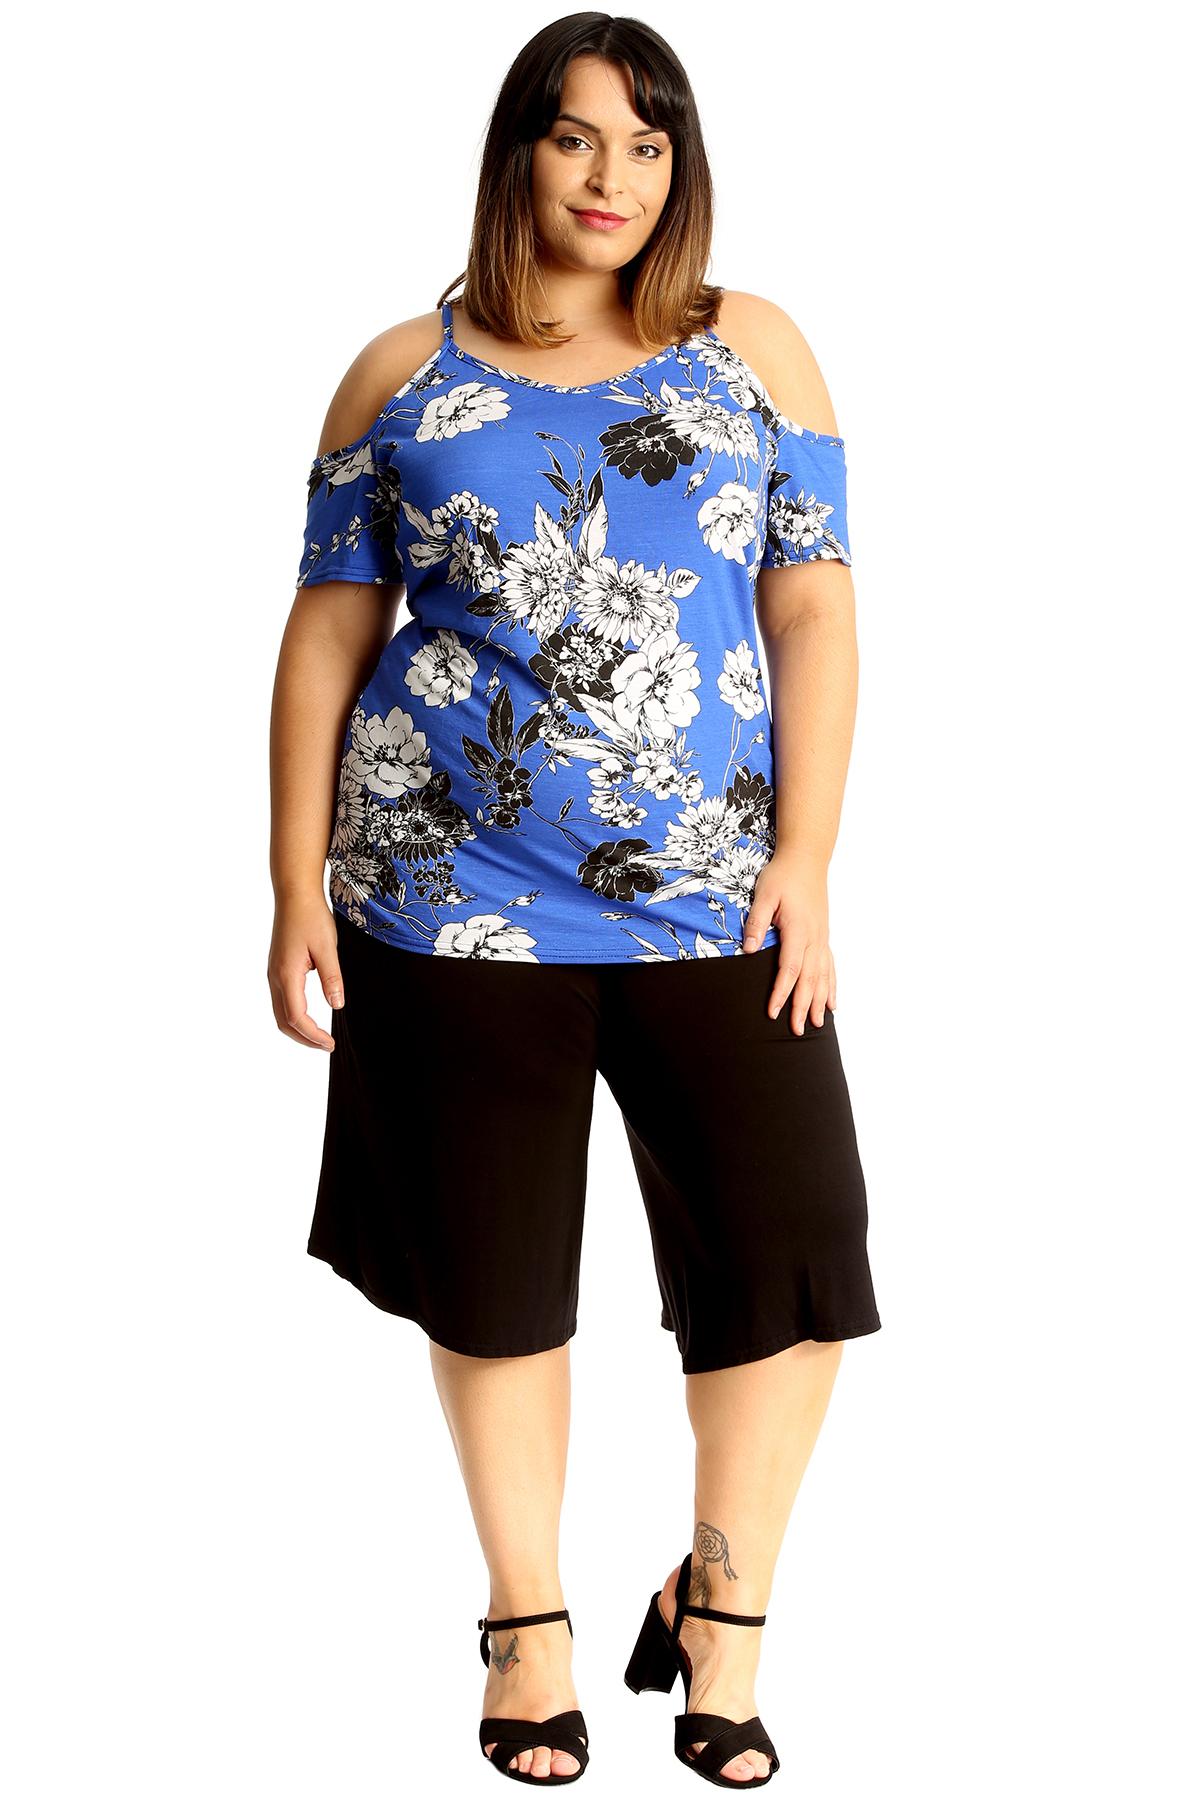 267c377e9afa3d New Womens Top Ladies Floral Print Tunic Cold Shoulder Blouse T ...